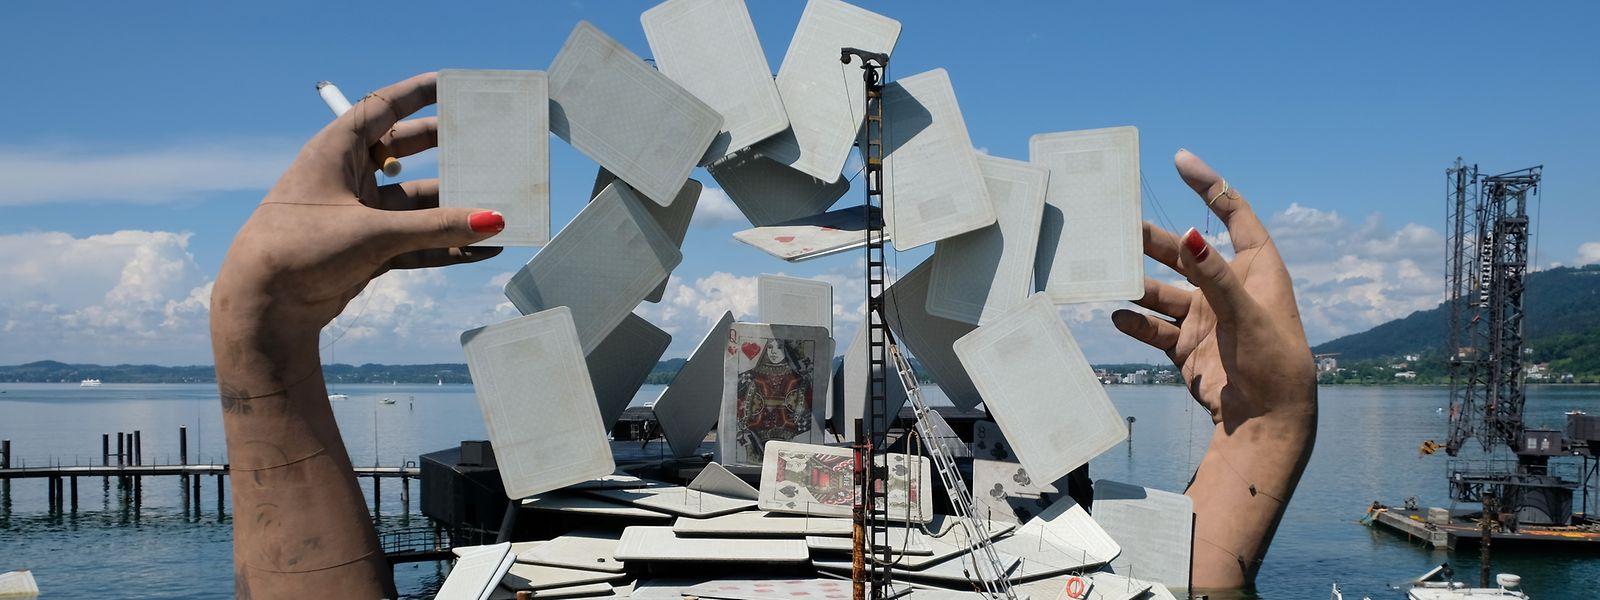 Zwei Dutzend Mal wird die Oper Carmen zwischen Mitte Juli und Mitte August auf der Bregenzer Seebühne aufgeführt.